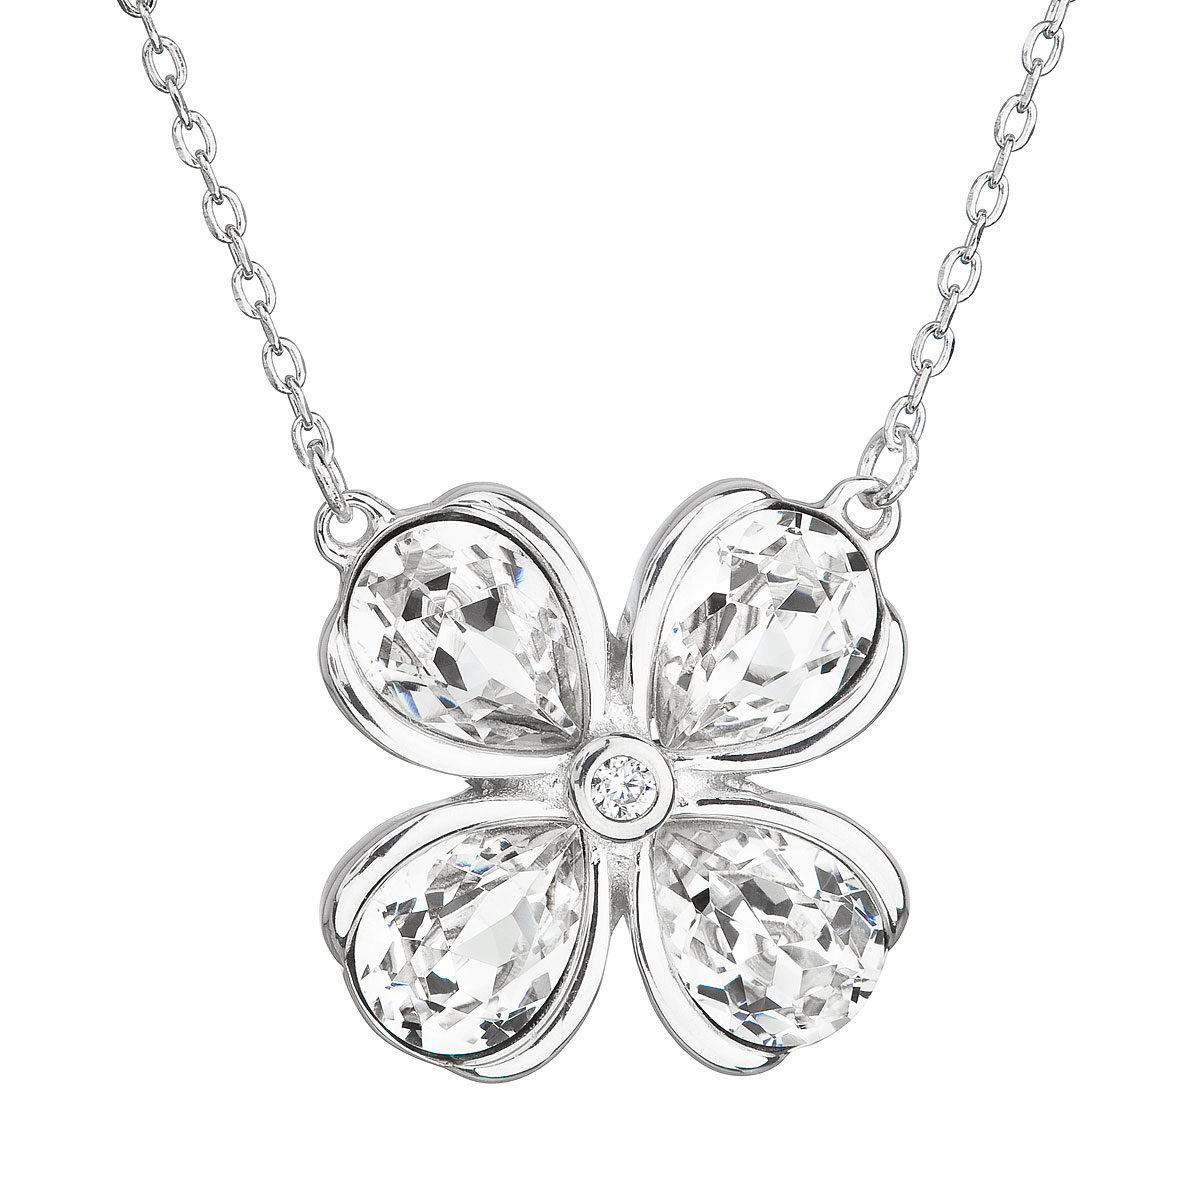 Evolution Group Stříbrný náhrdelník s krystaly Swarovski bílá kytička 32066.1